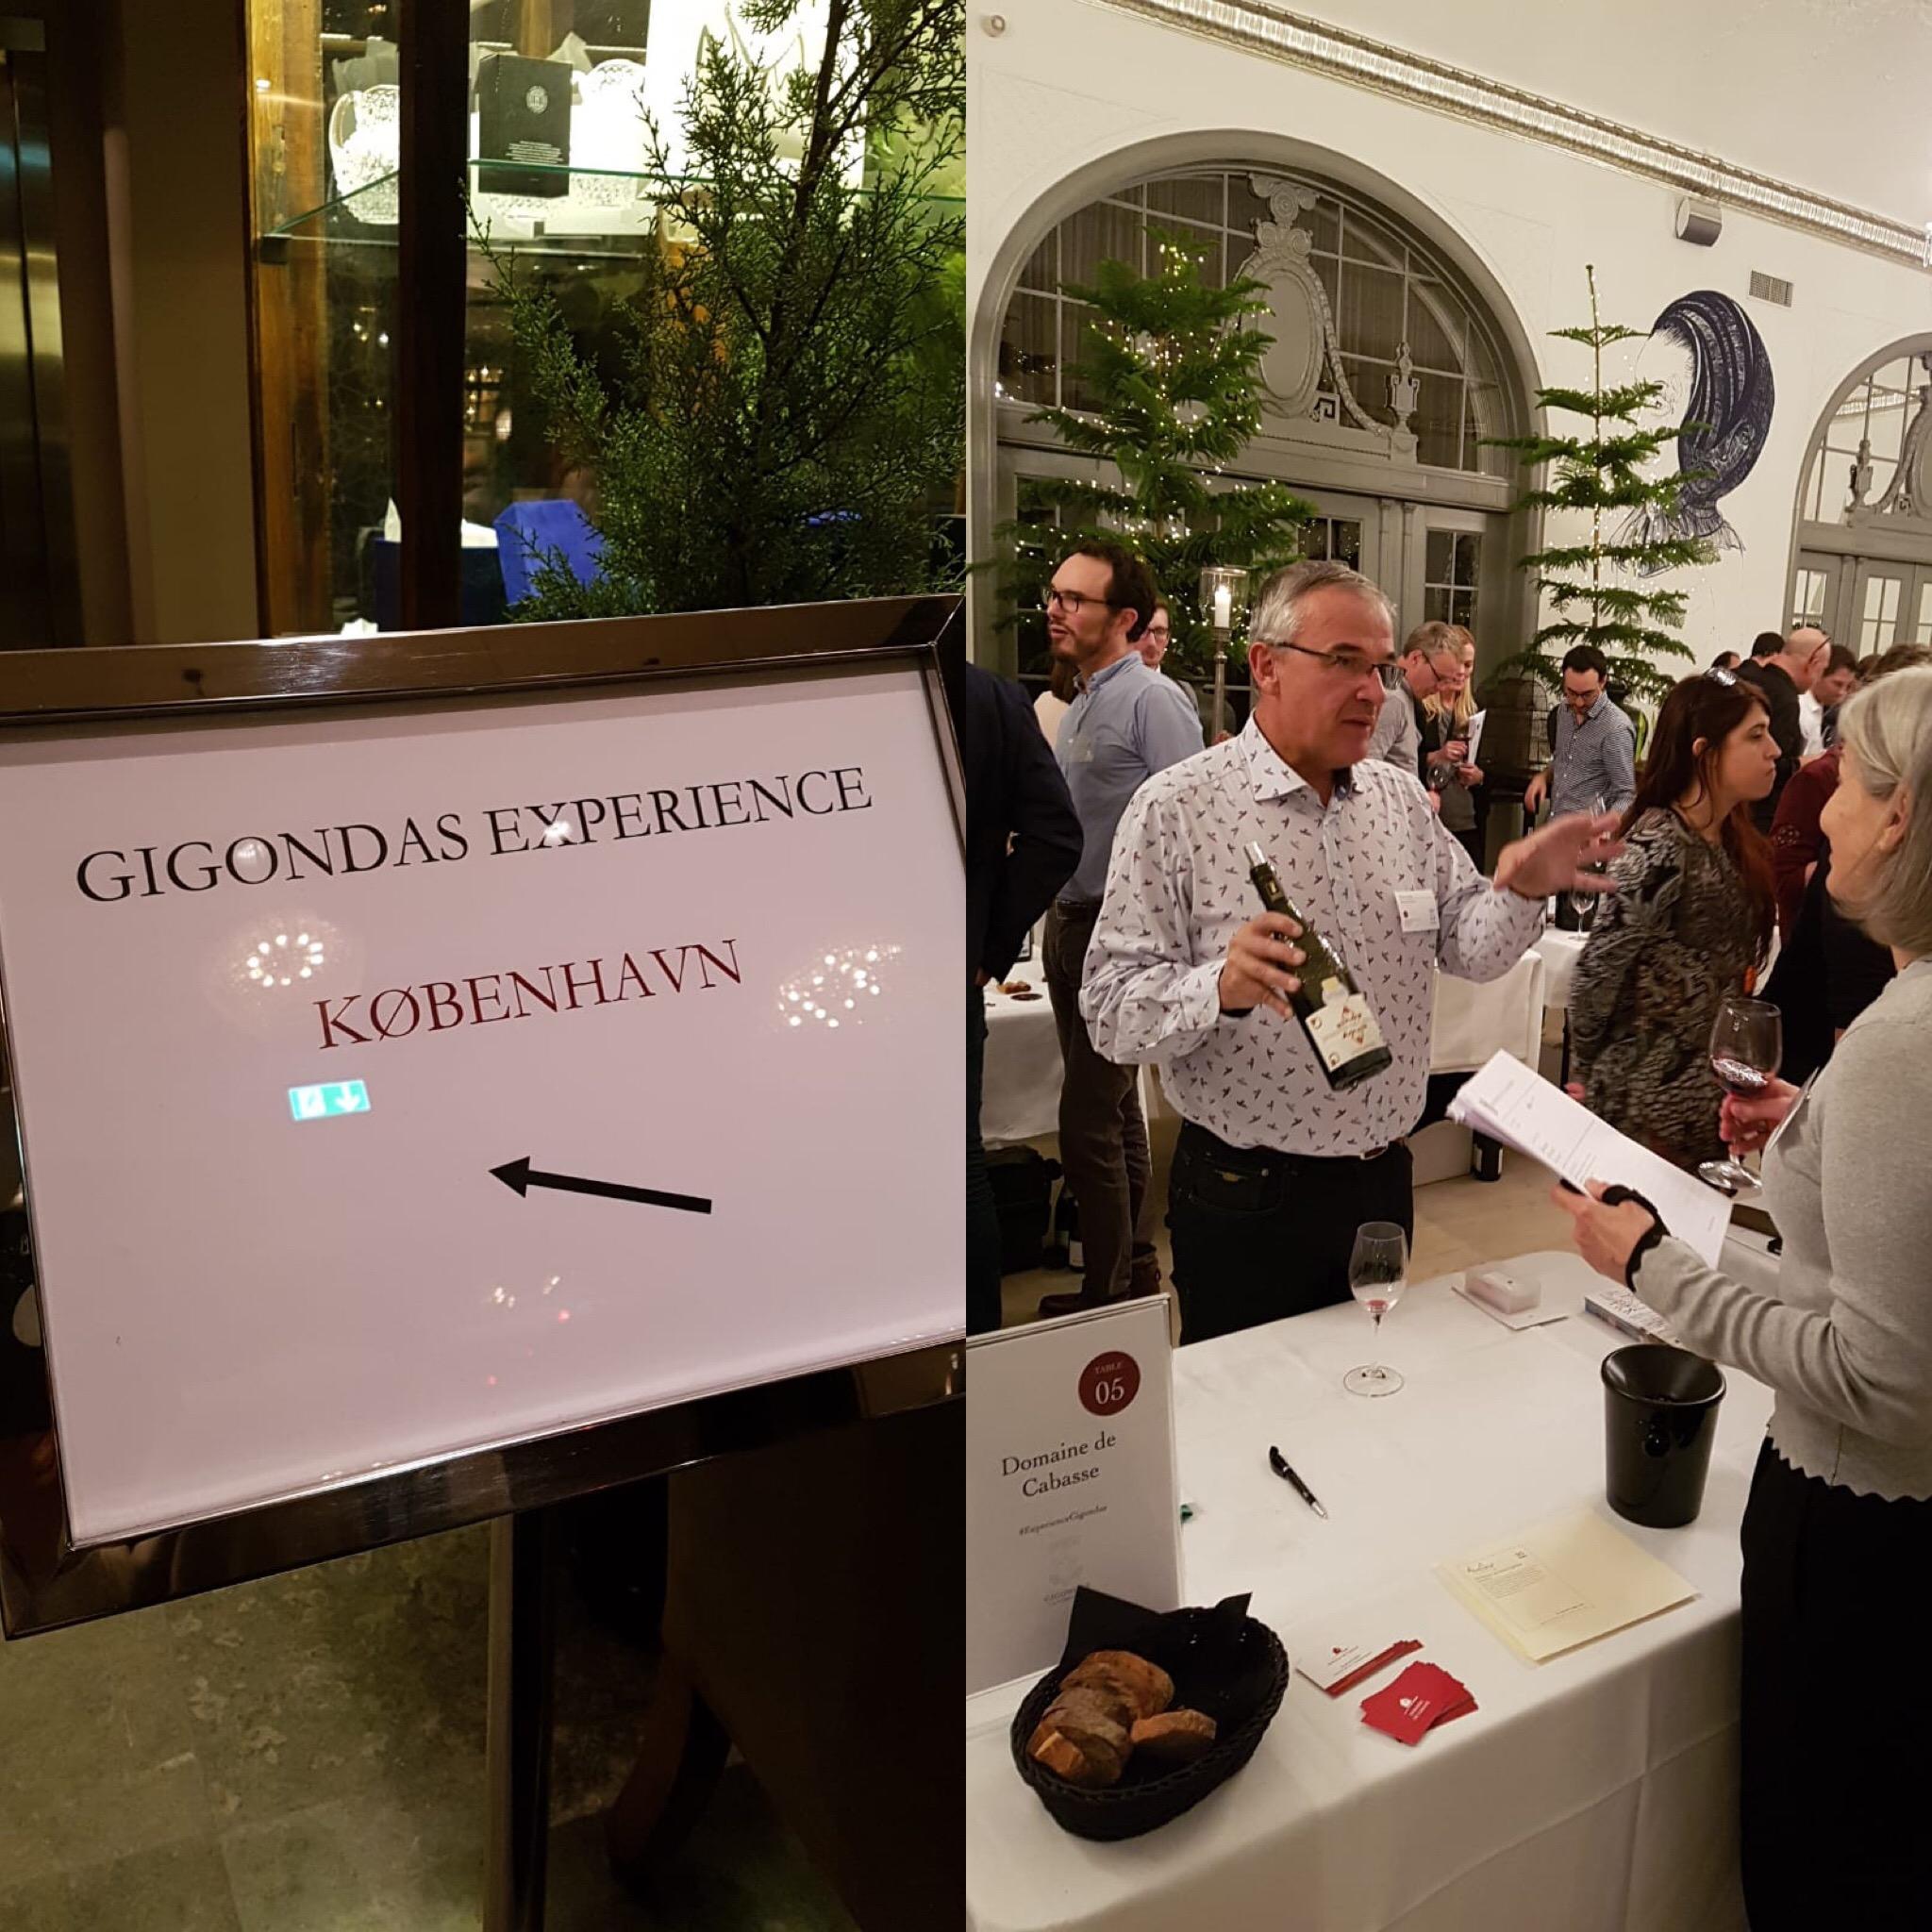 Opération prestige de l'appellation Gigondas à Copenhague  #Wine